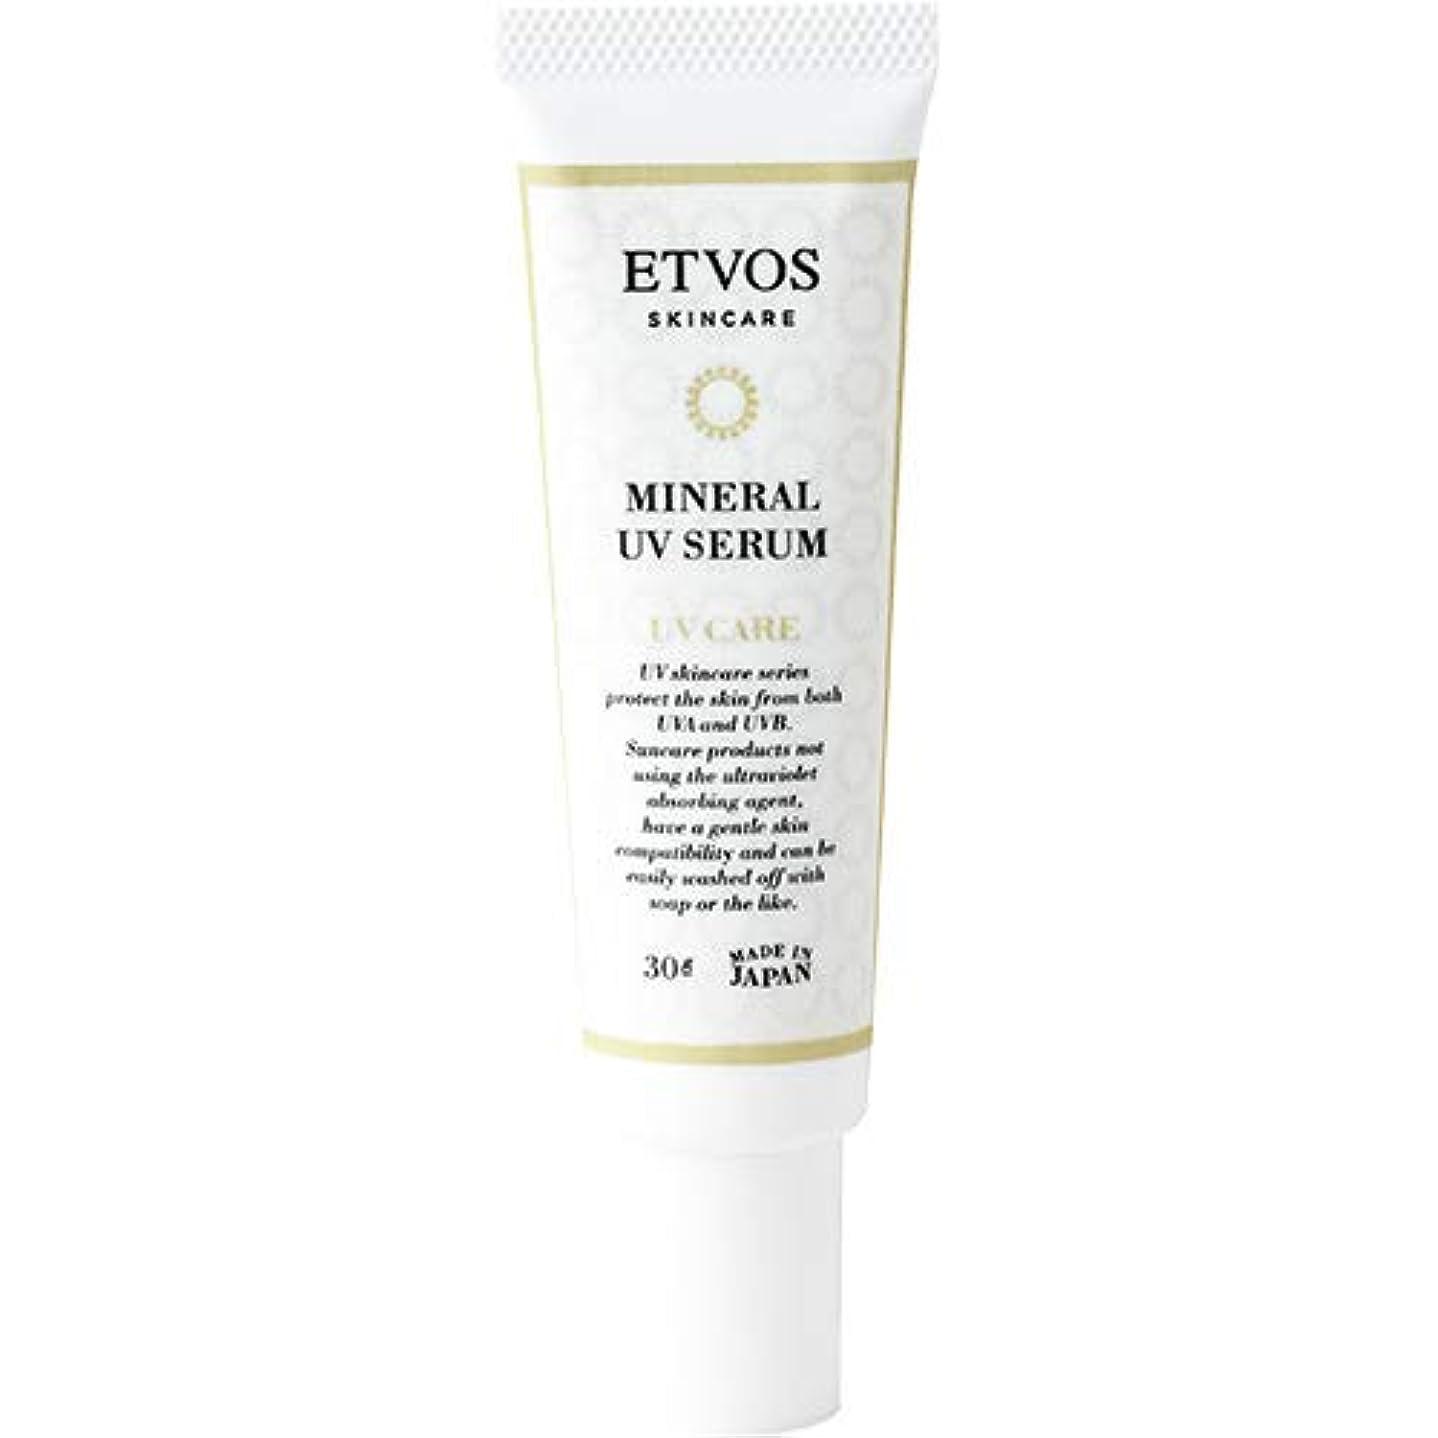 複雑でないアノイわかるETVOS(エトヴォス) 日焼け止め美容液 ミネラルUVセラム SPF35/PA+++ 30g 化粧下地 紫外線吸収剤不使用